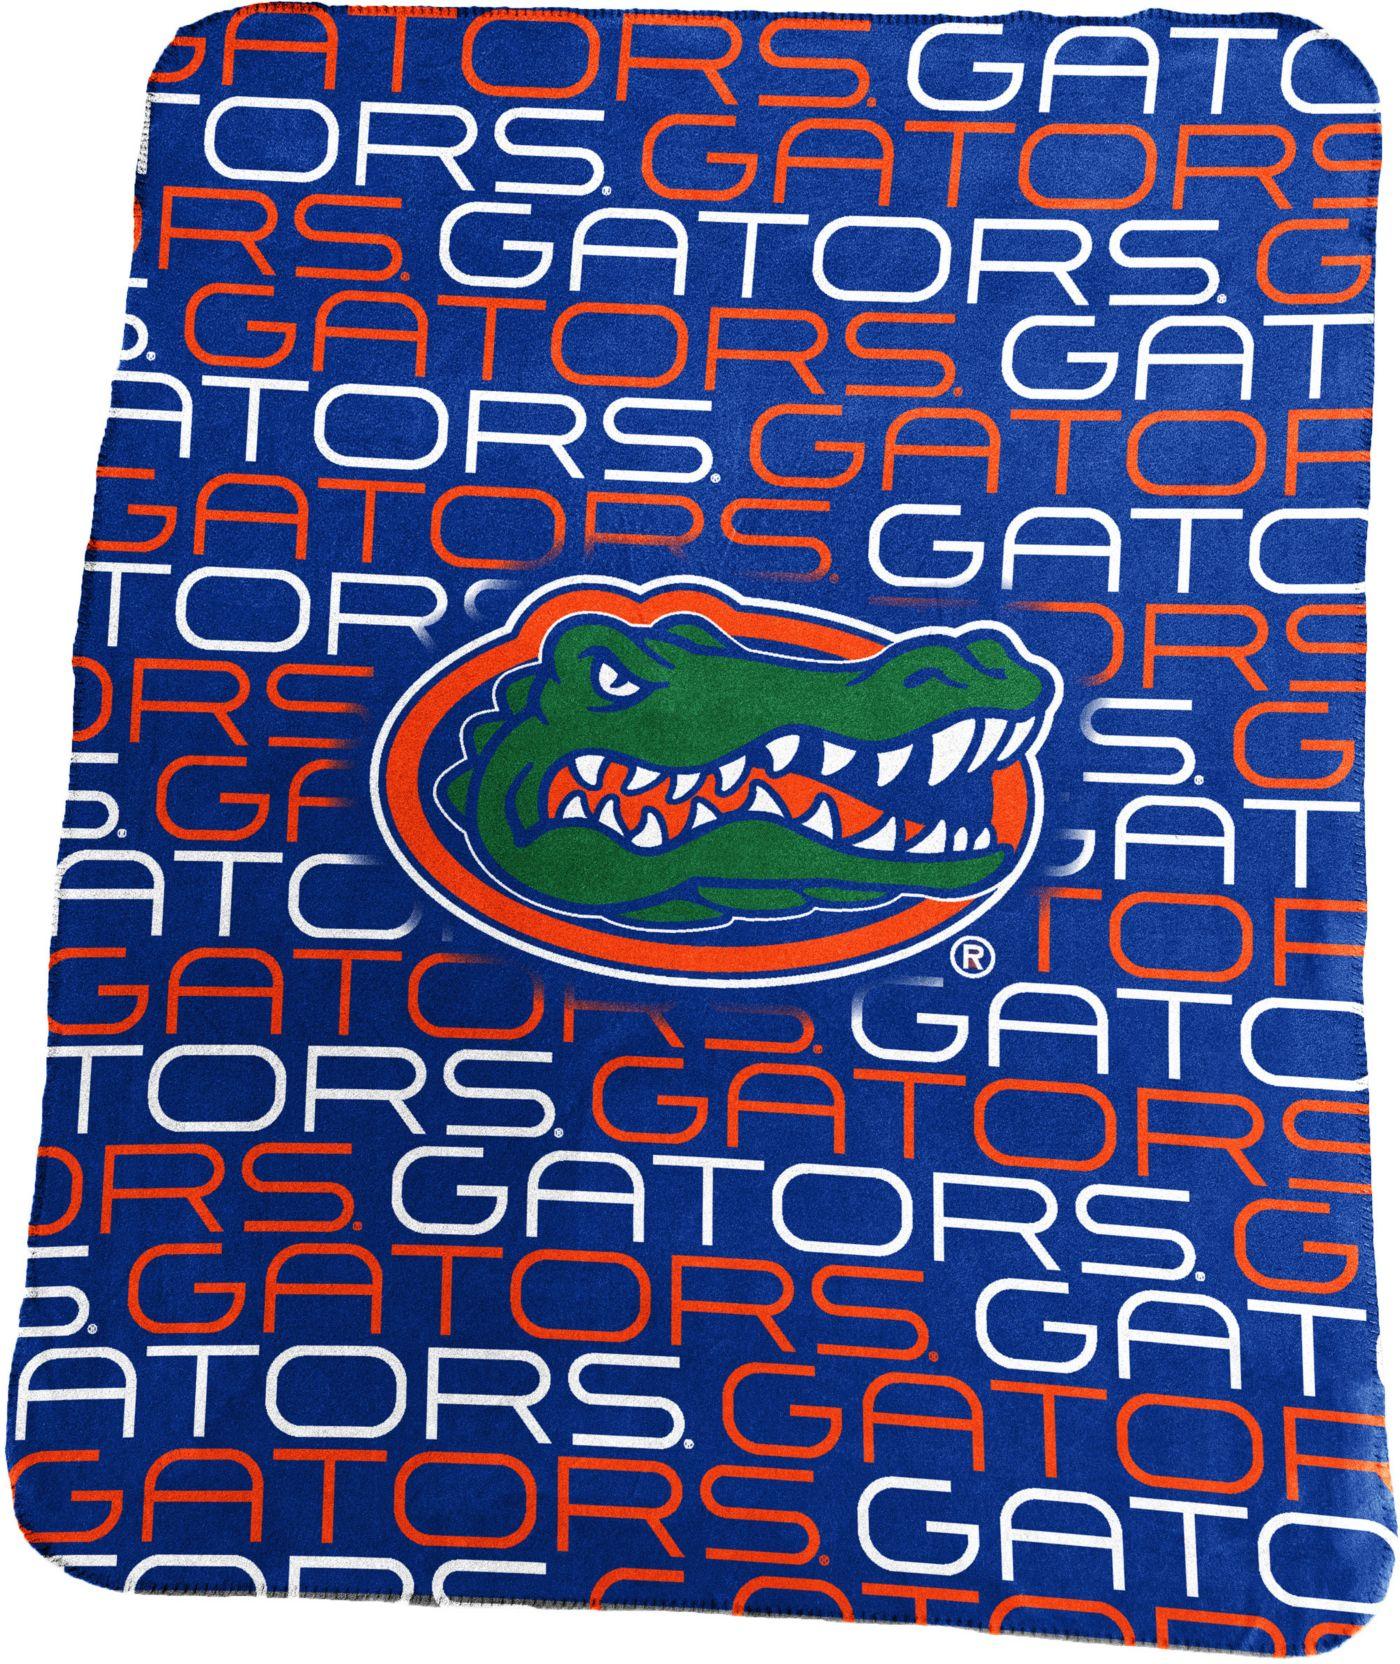 Florida Gators Classic Fleece Blanket